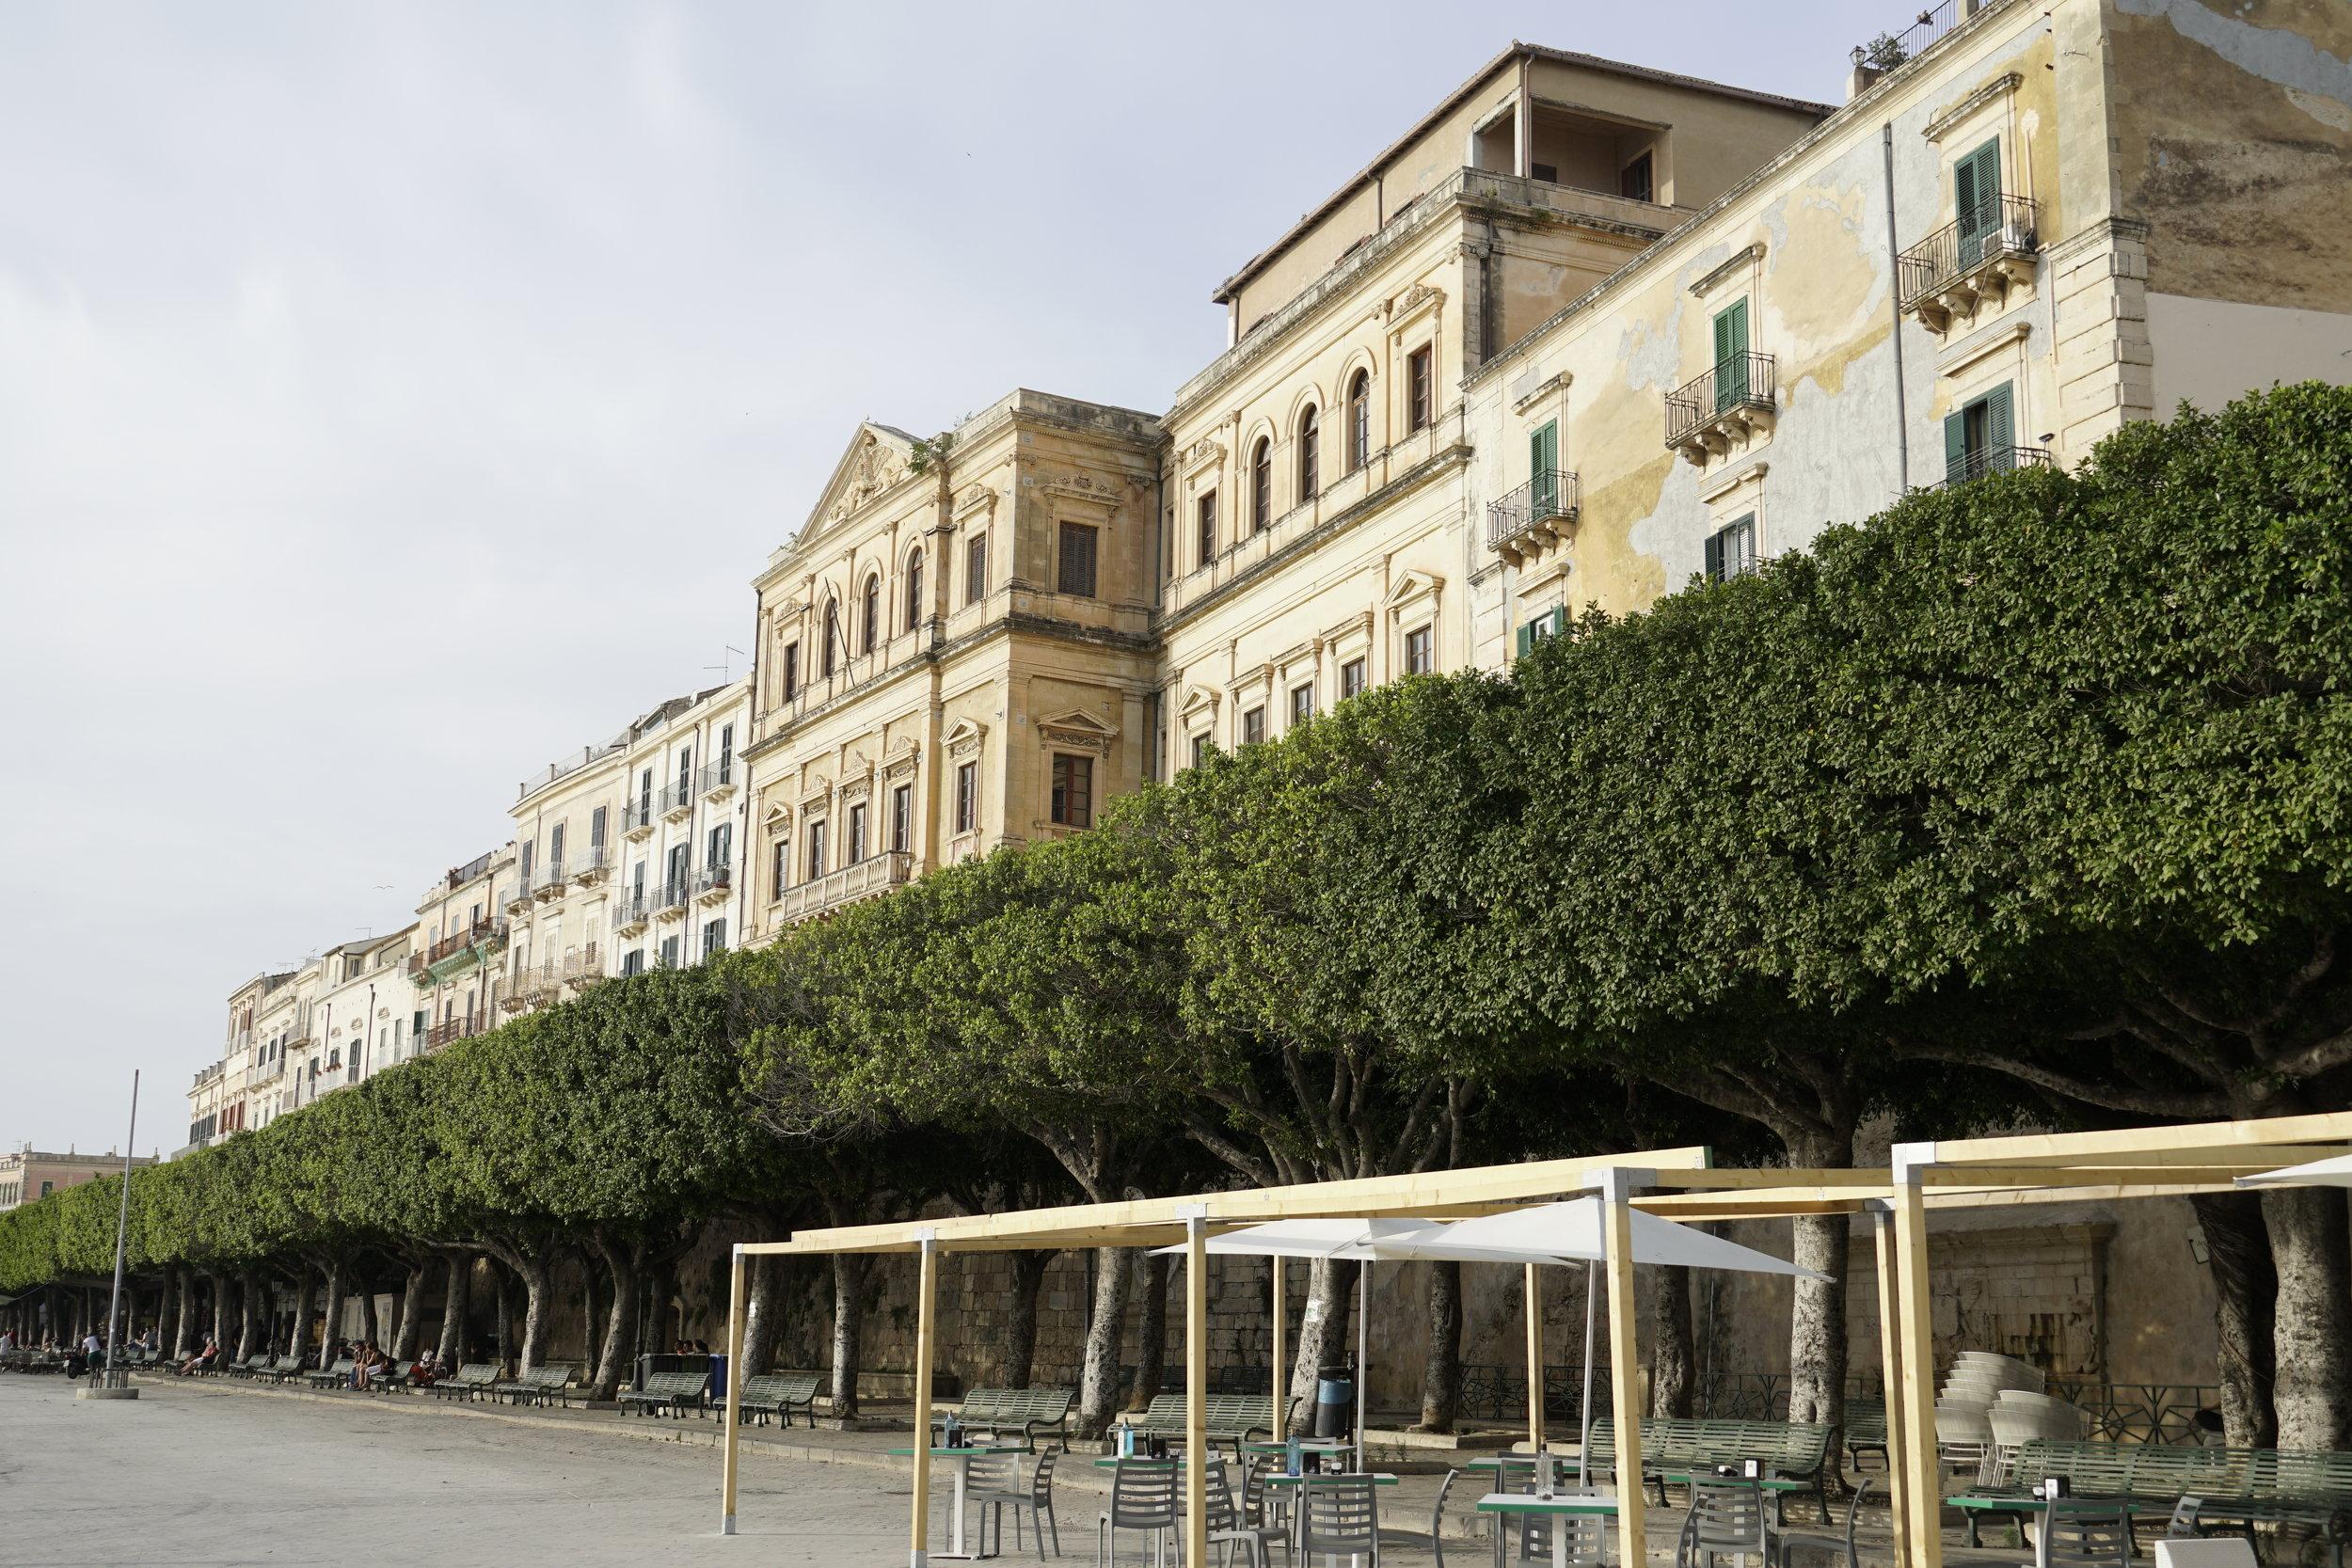 Siracusa, Island of Ortigia, Sicily